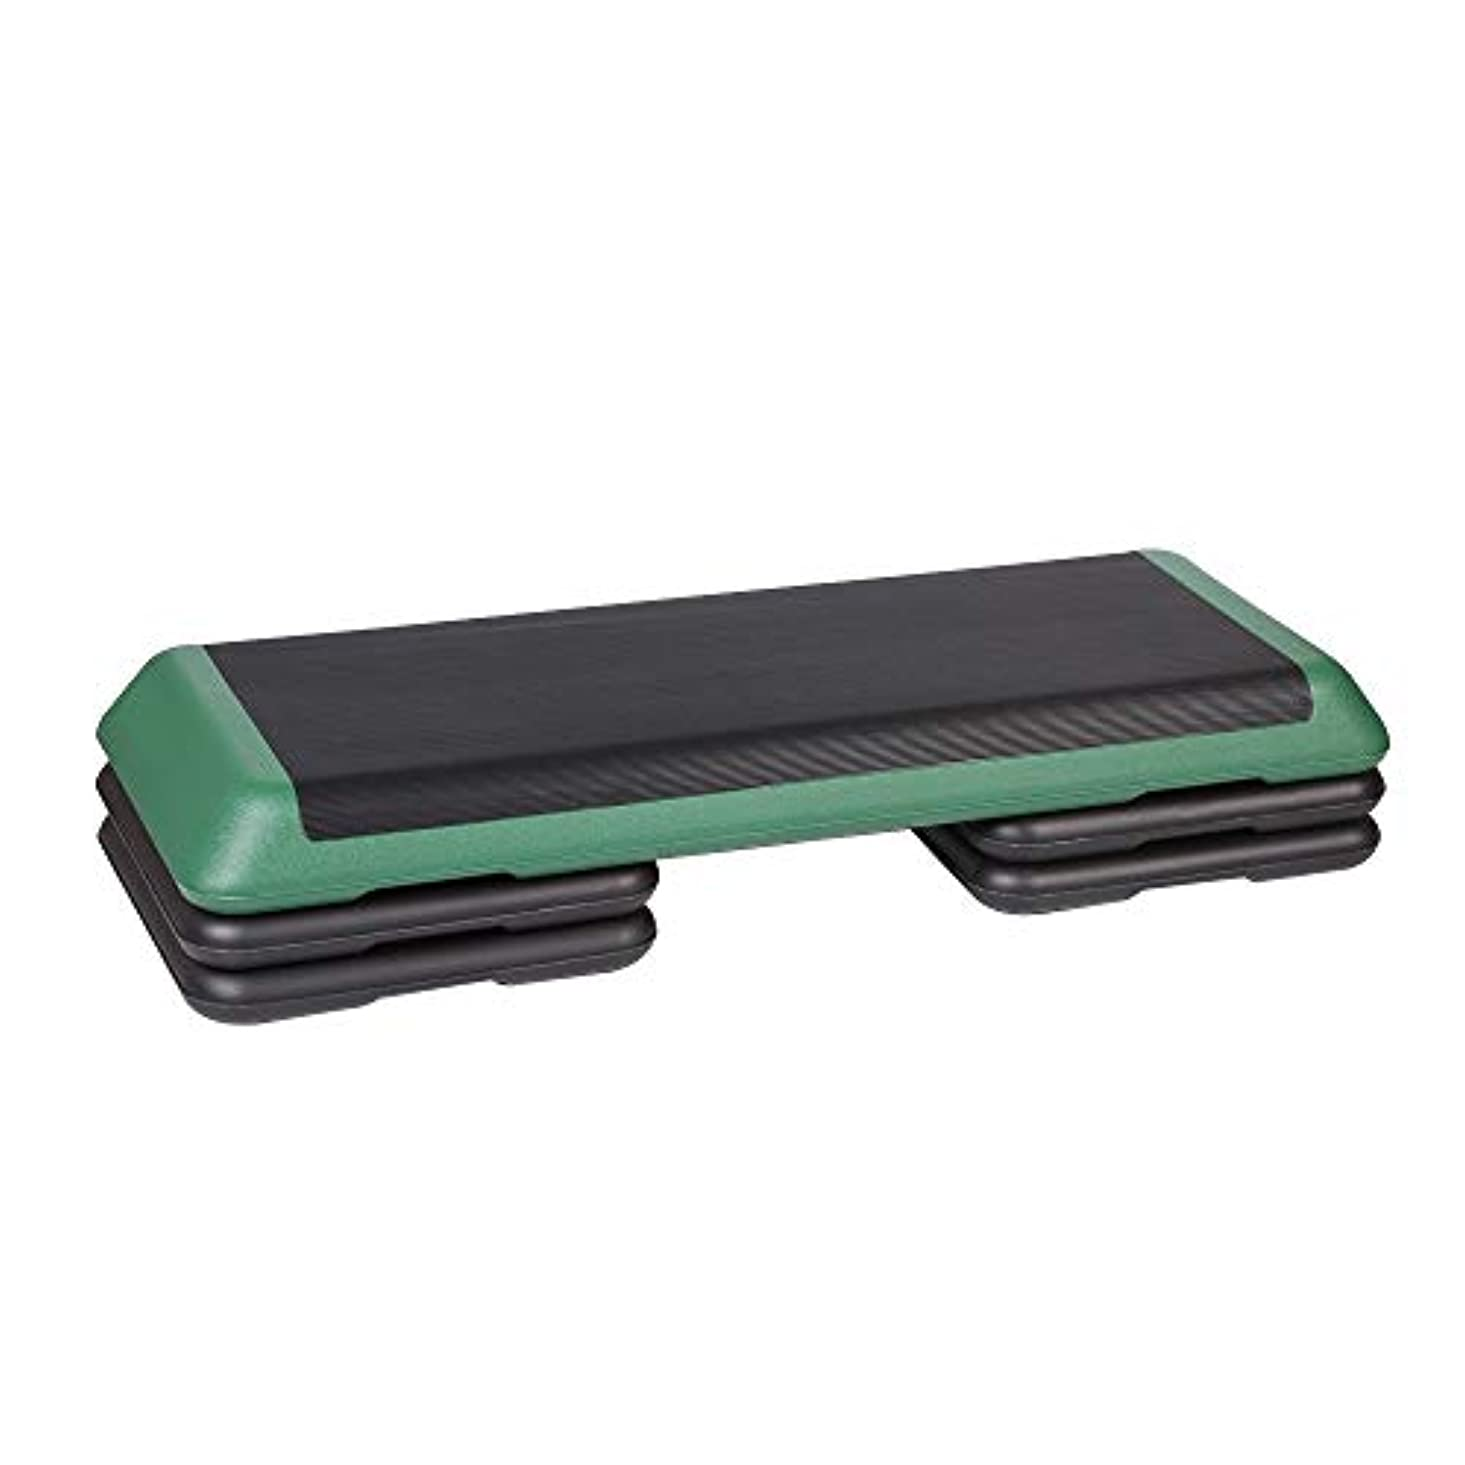 イタリアのブロッサム増幅便利さ 高さ調節可能なエクササイズステッパー3倍の高レベルのステップレイズプラットフォームステッパーボードブロック 実用的ステップ台 (色 : Dark Green, Size : 110cm)